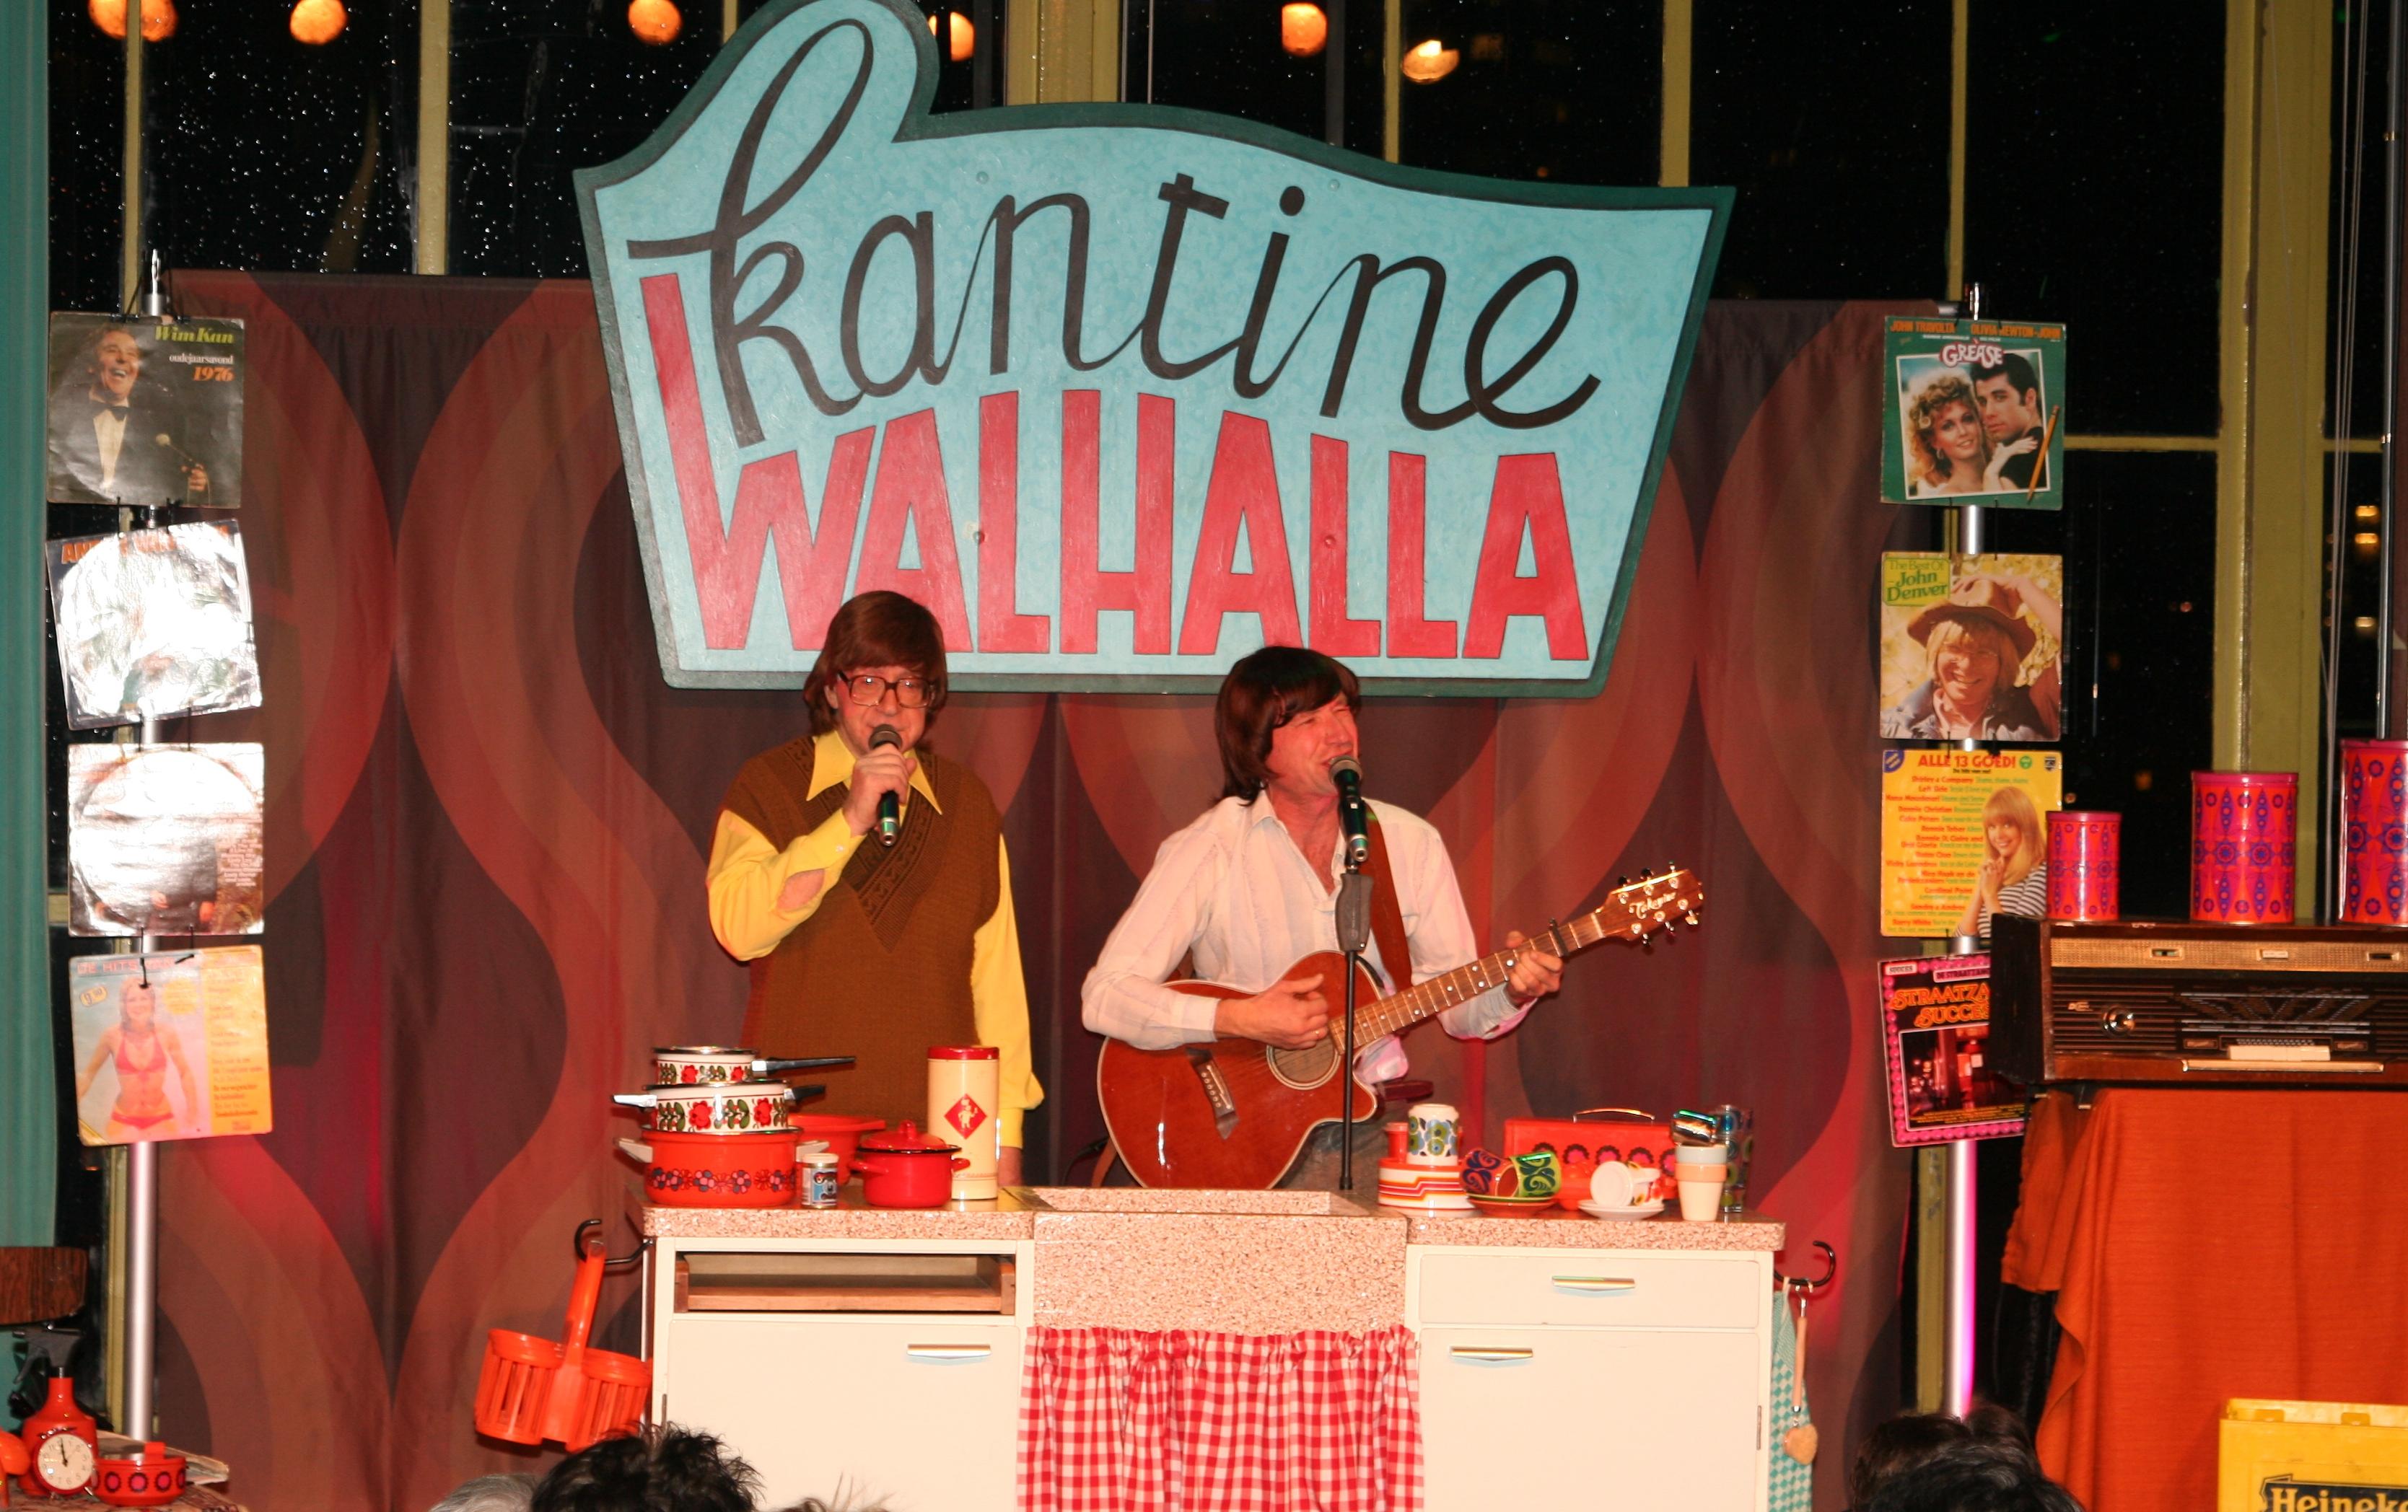 Kantine Walhalla Mark & Tjark vrijwilligersfeest cabaret